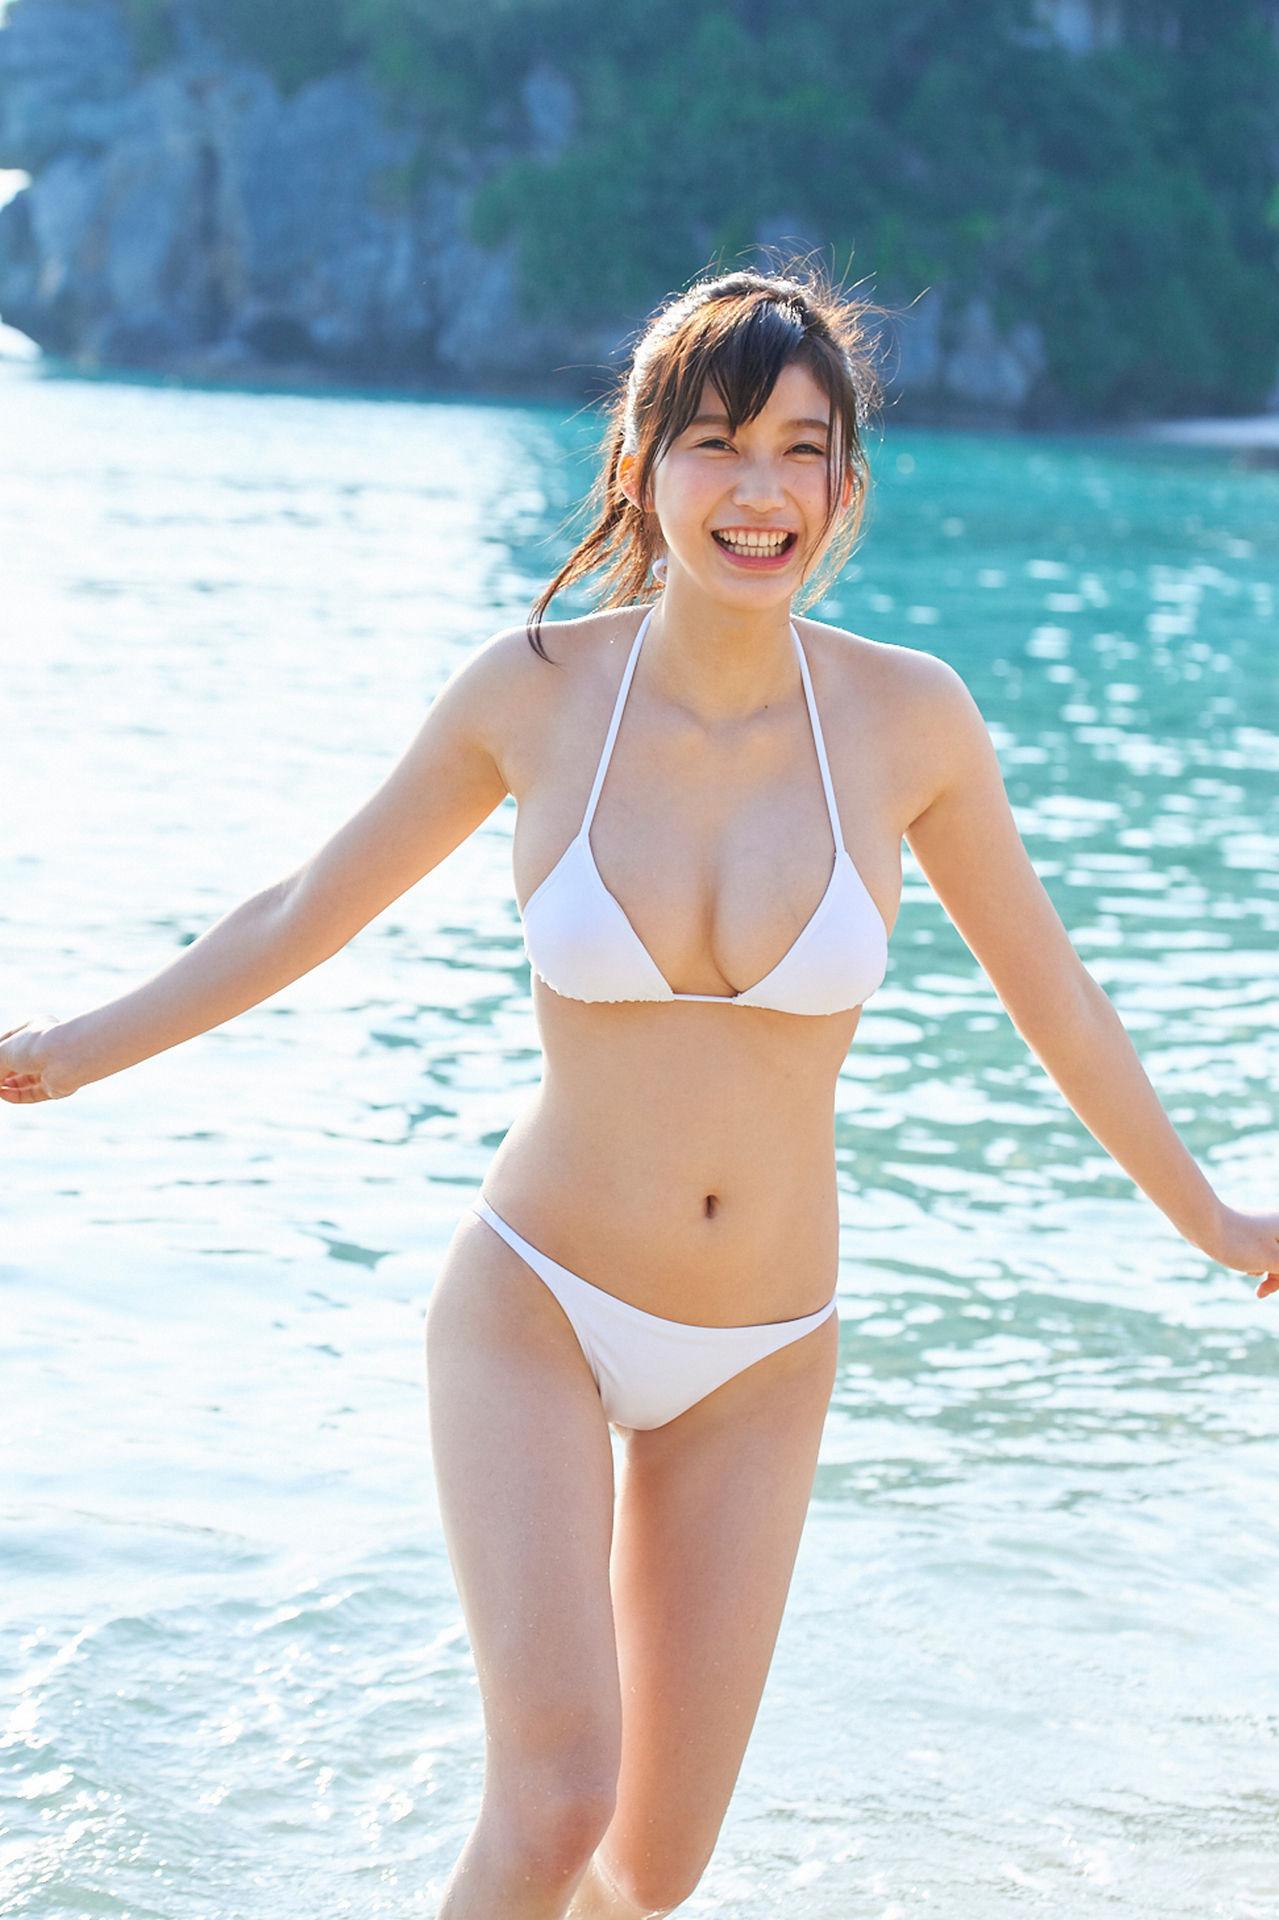 小倉優香高画質水着画像